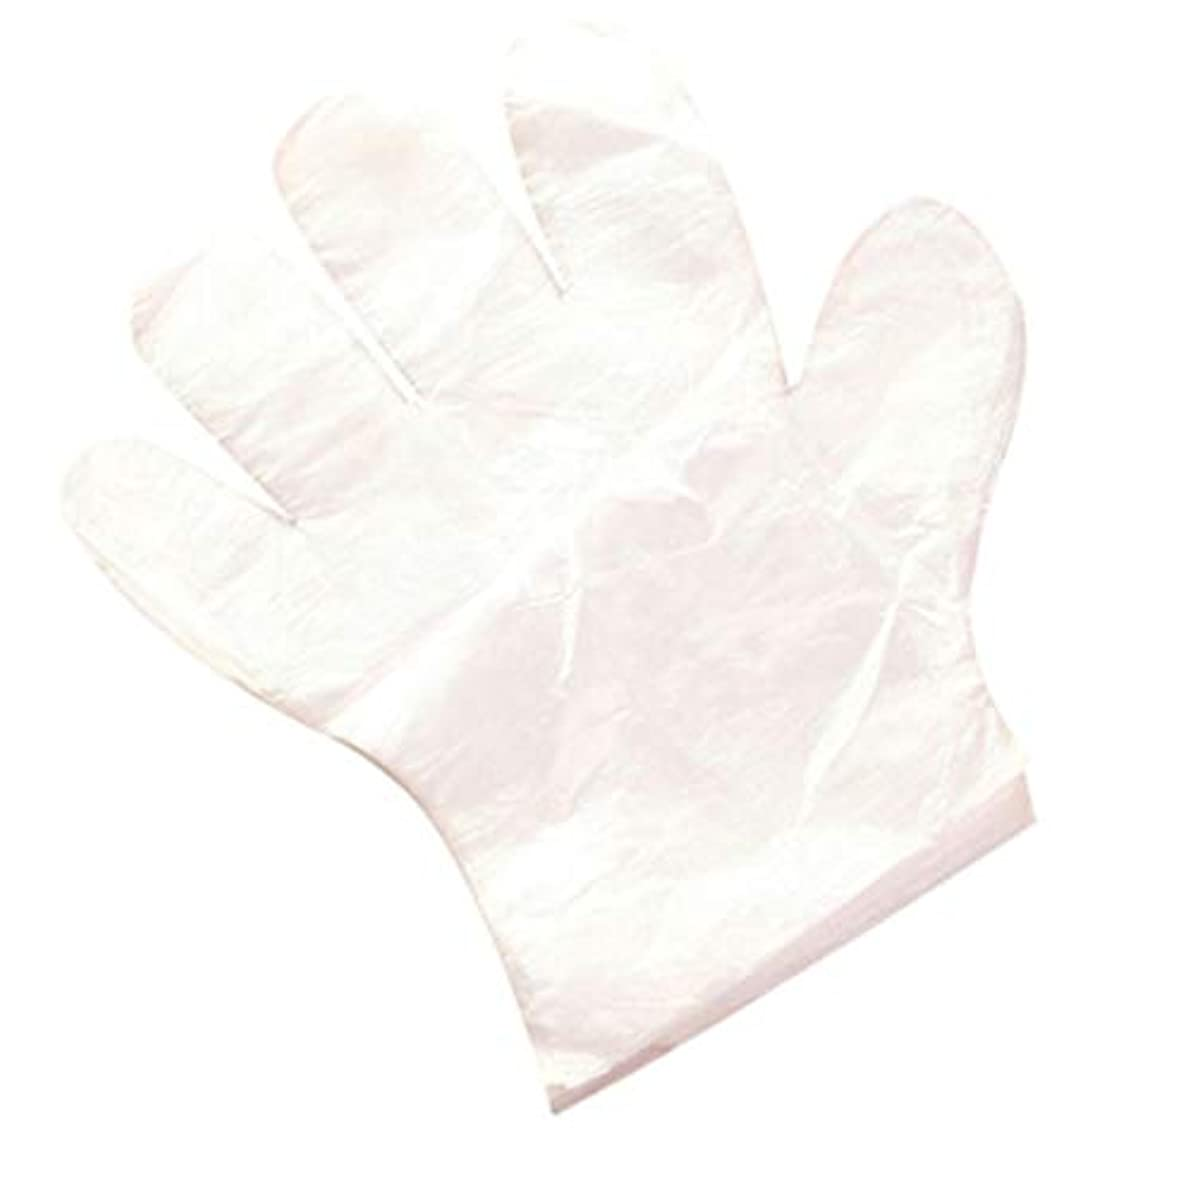 労働者不正確トレース家庭用家庭の清掃および衛生用使い捨て手袋を食べる使い捨て手袋 (UnitCount : 500only)